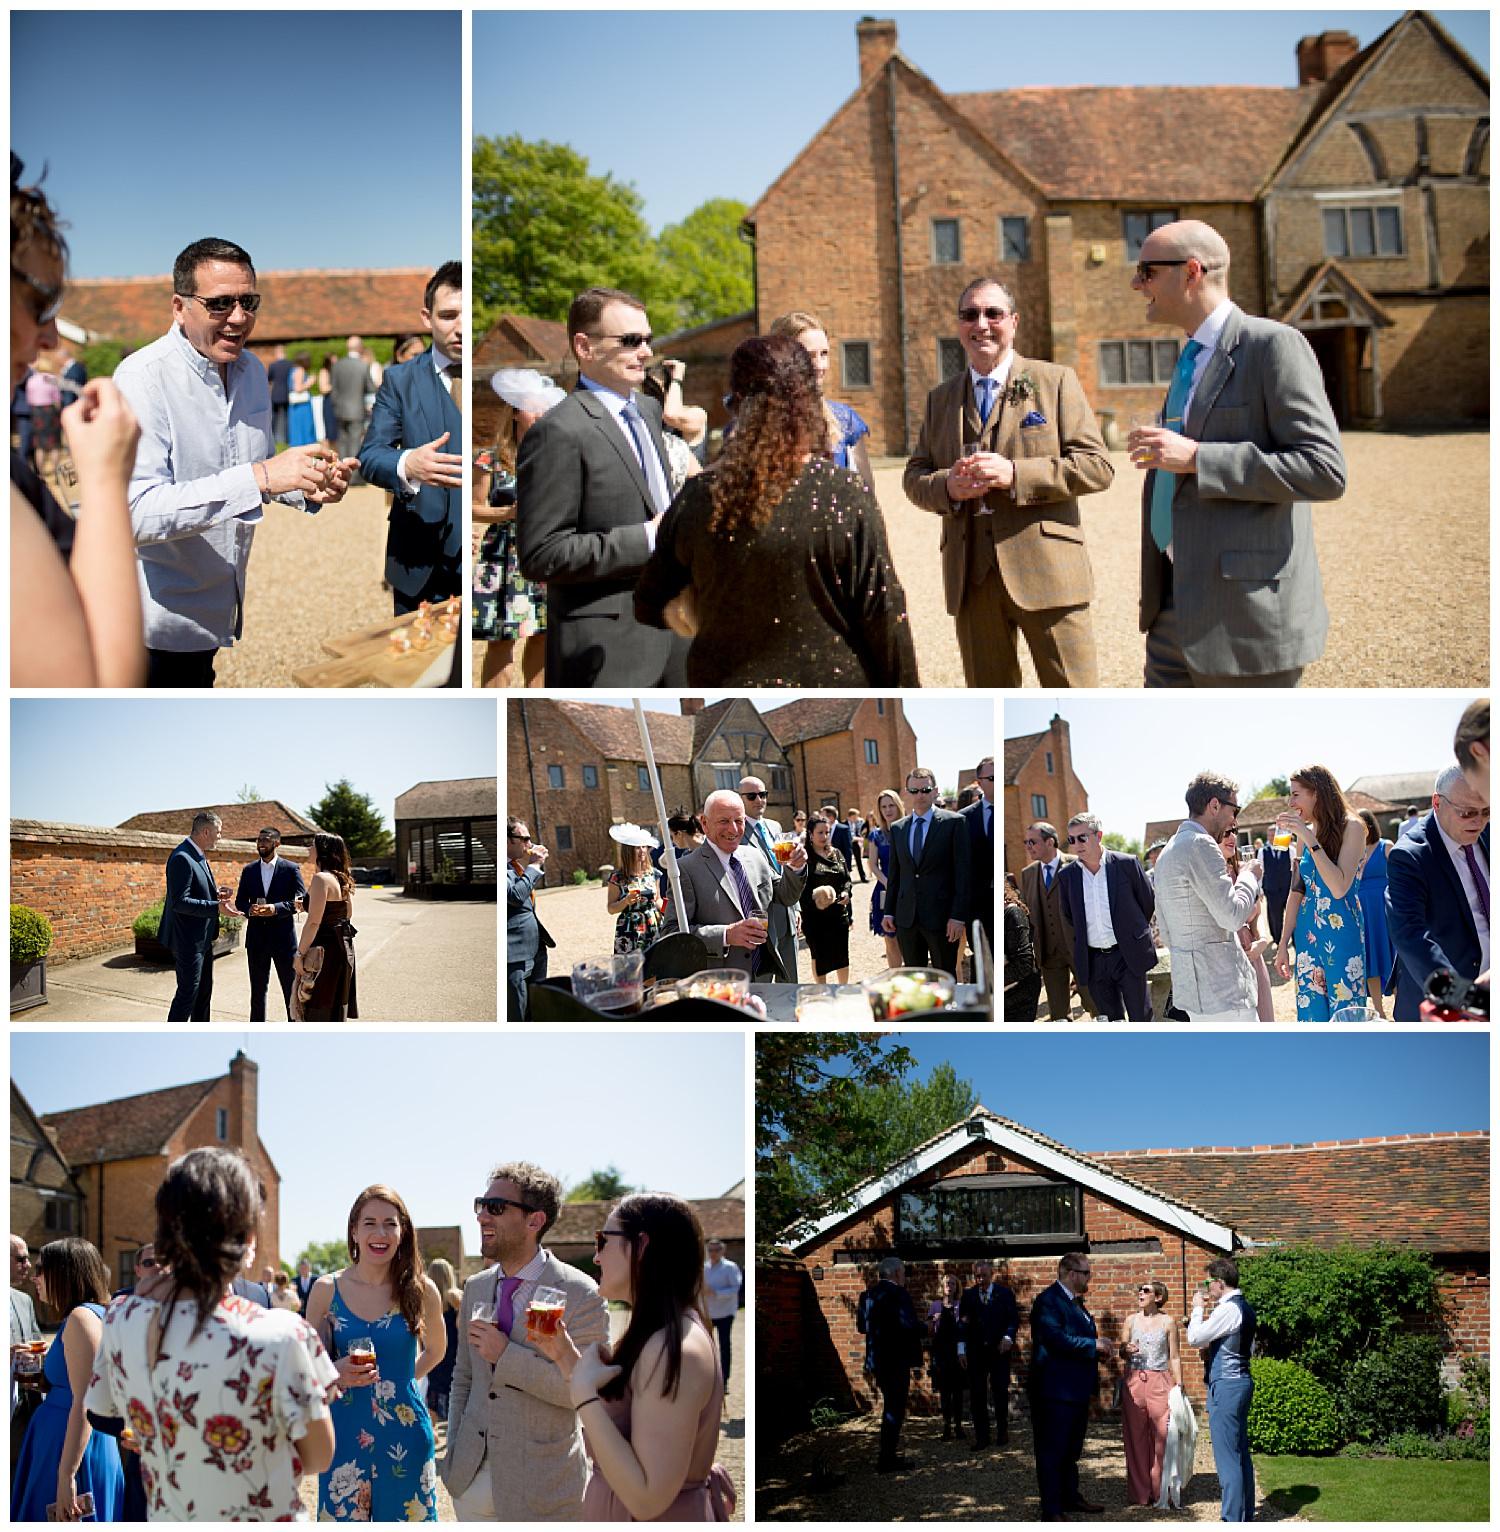 London-wedding-photographer-5.jpg